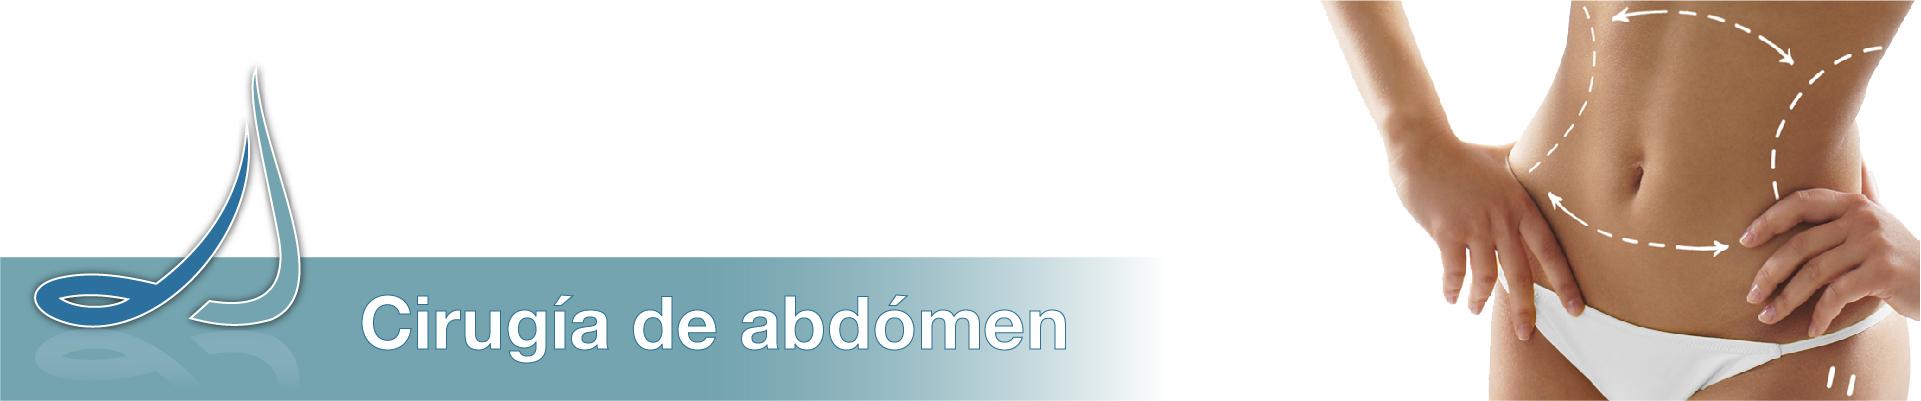 abdomenMesa de trabajo 44 copia